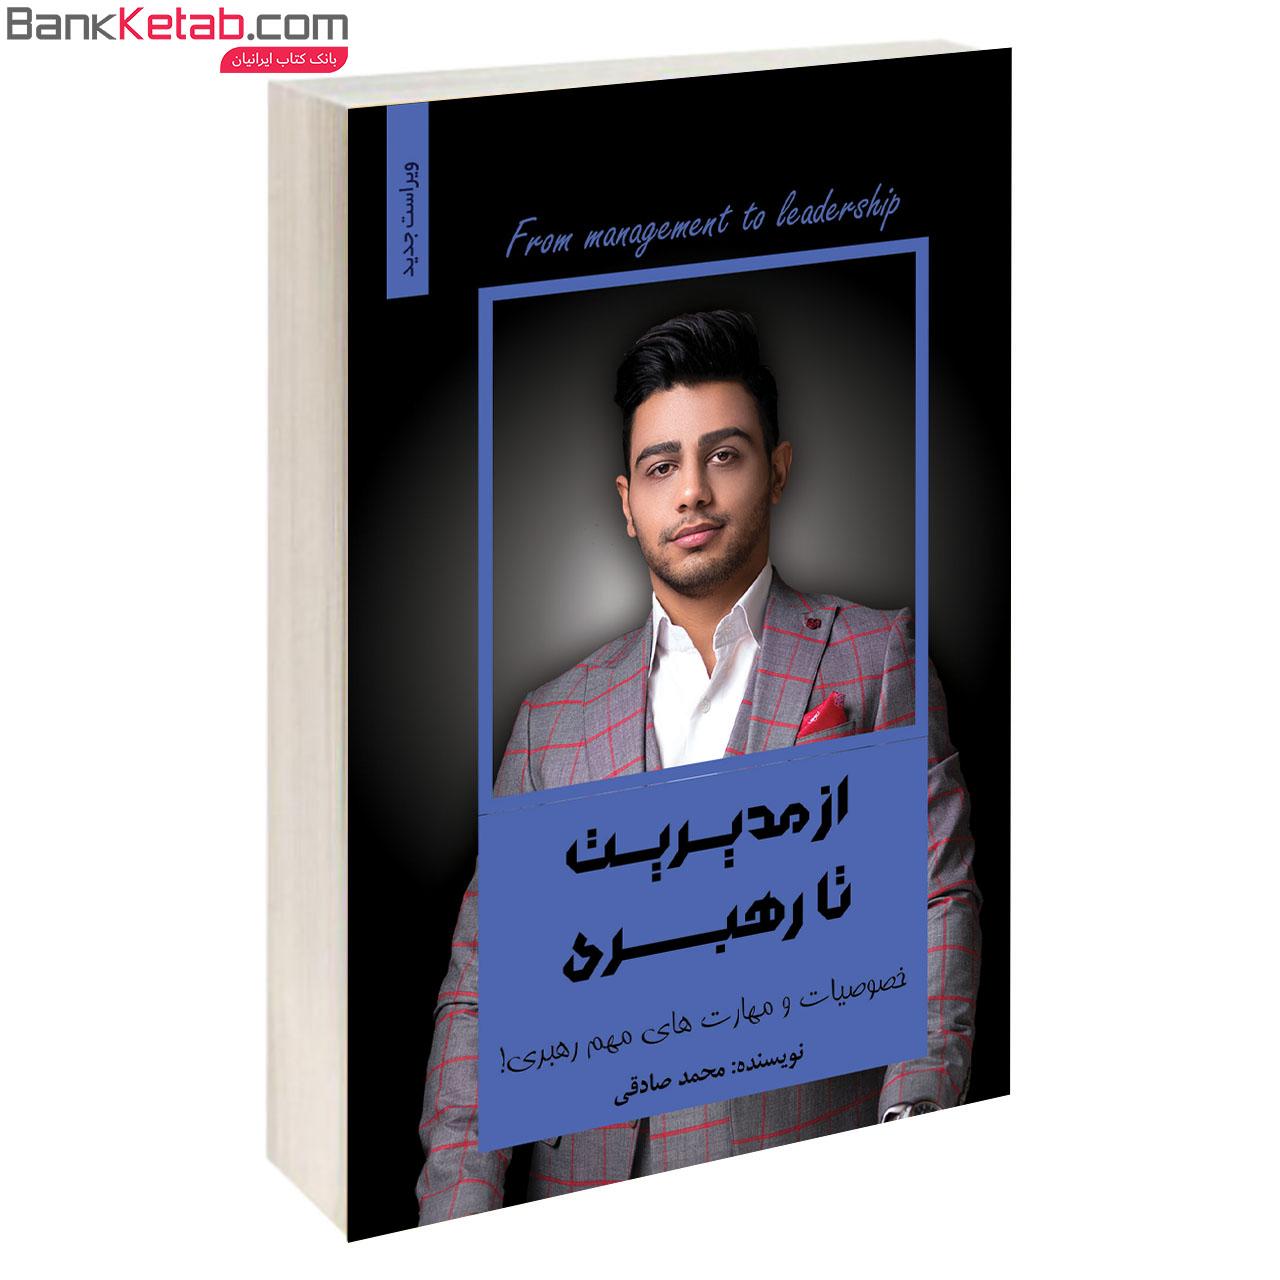 کتاب از مدیریت تا رهبری اثر محمد صادقی